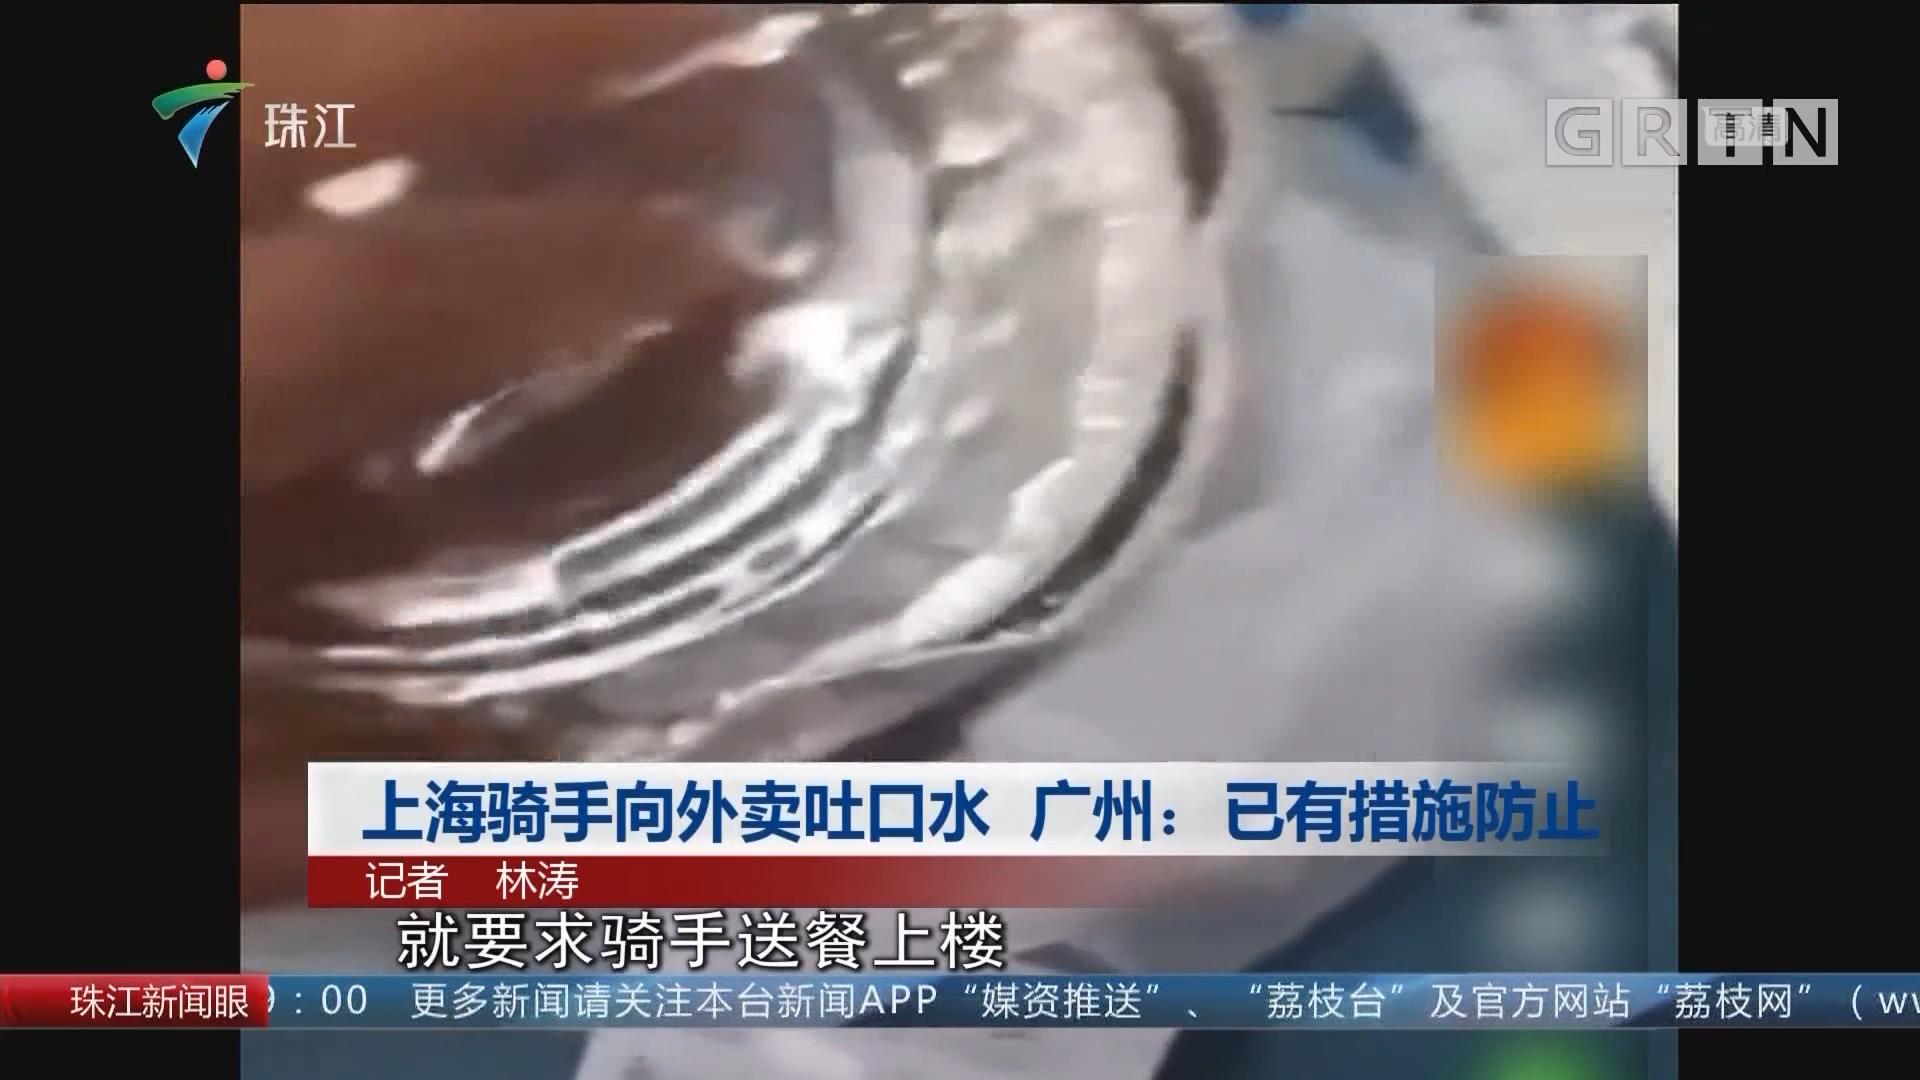 上海骑手向外卖吐口水 广州:已有措施防止